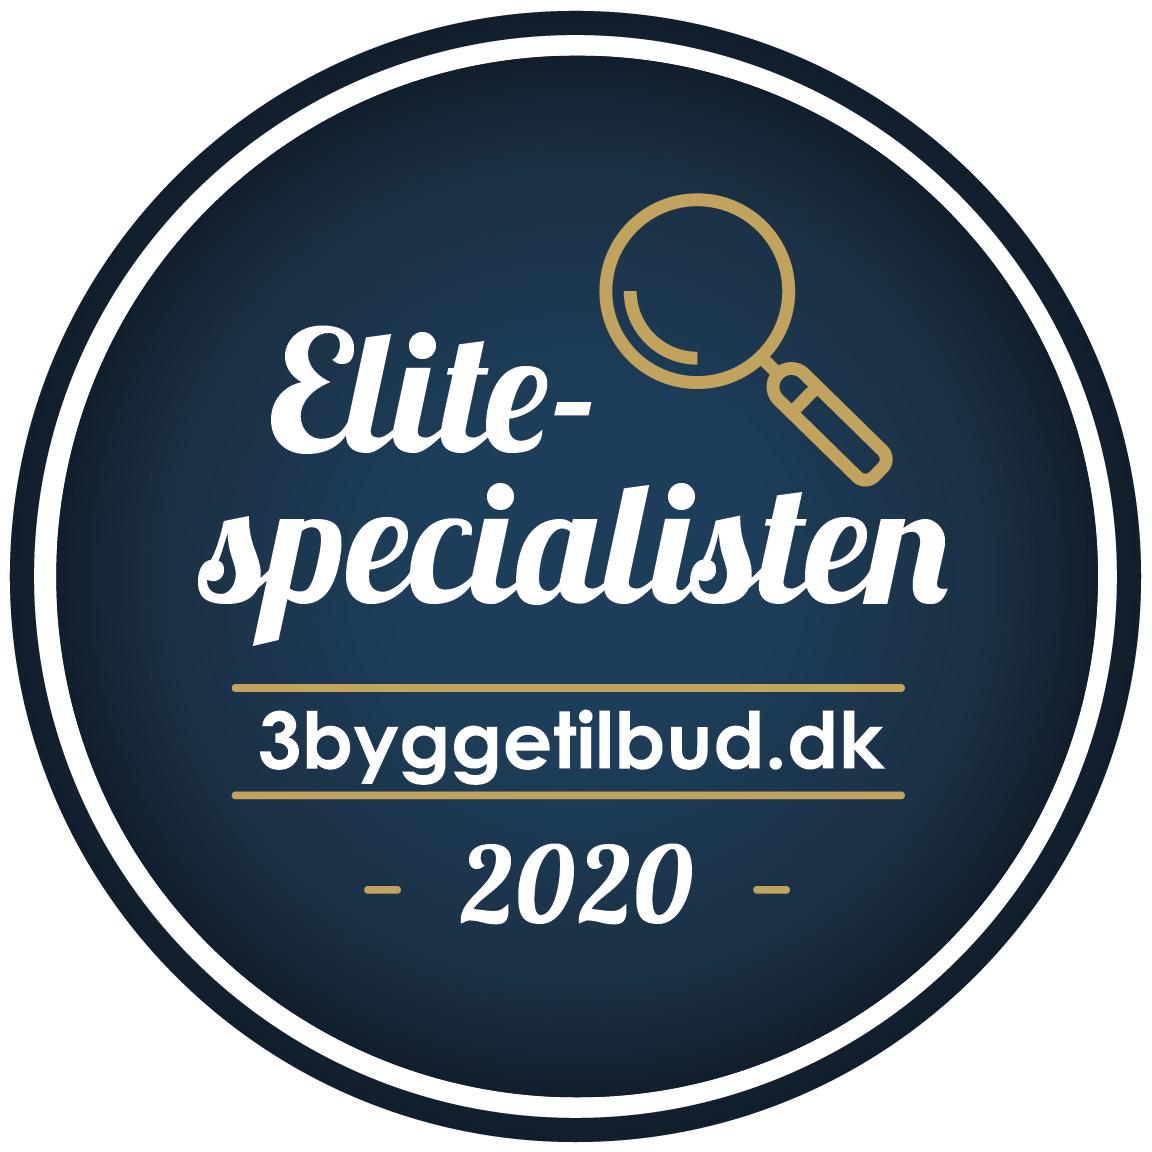 Elite specialisten 2020